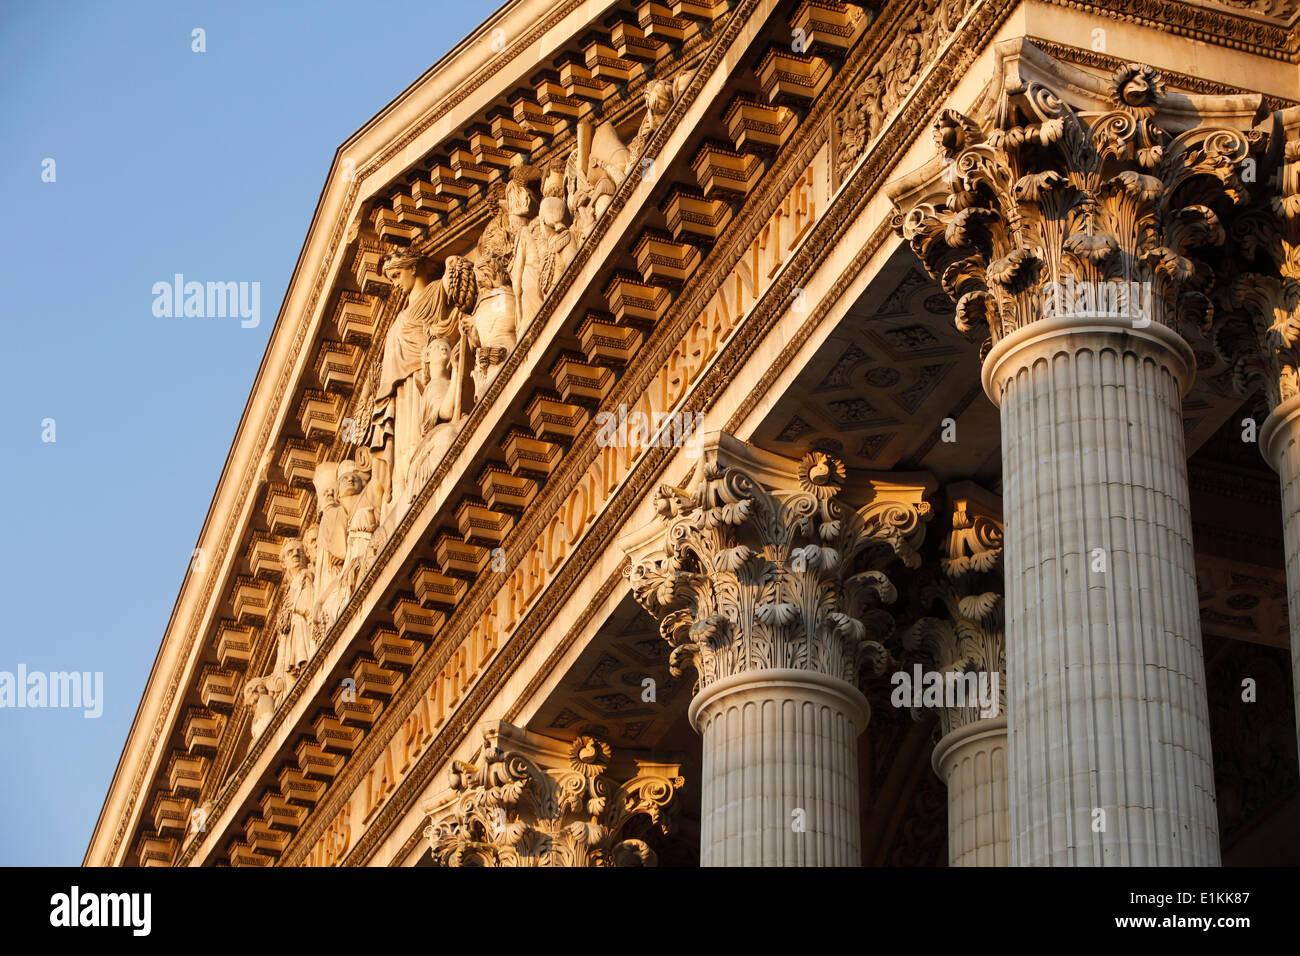 Le PanthŽon, Paris. Pediment & Corinthian columns - Stock Image